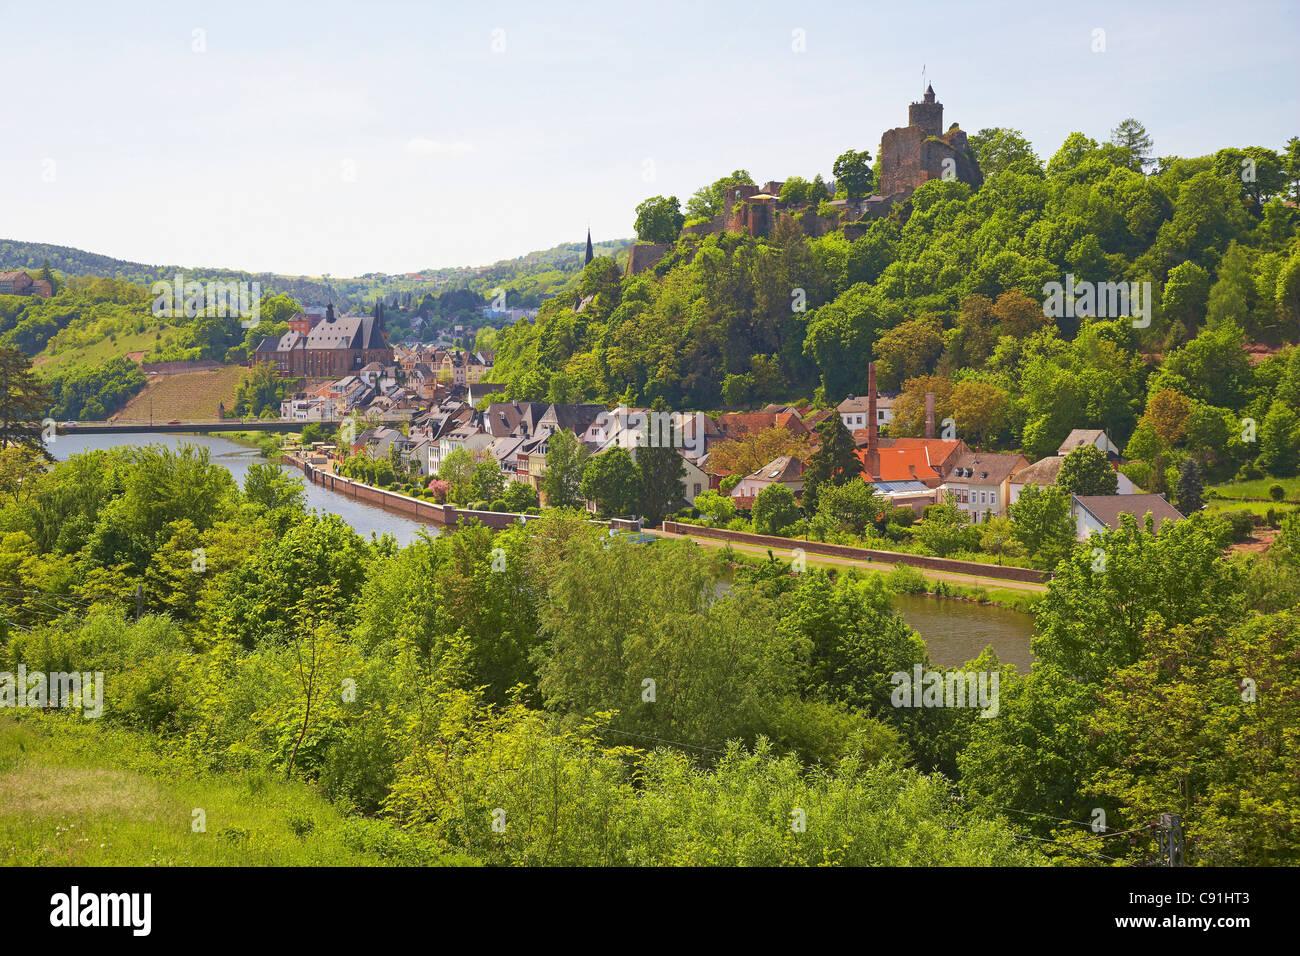 Saarburg an der Saar, Rheinland-Pfalz, Deutschland, Europa Stockfoto ...